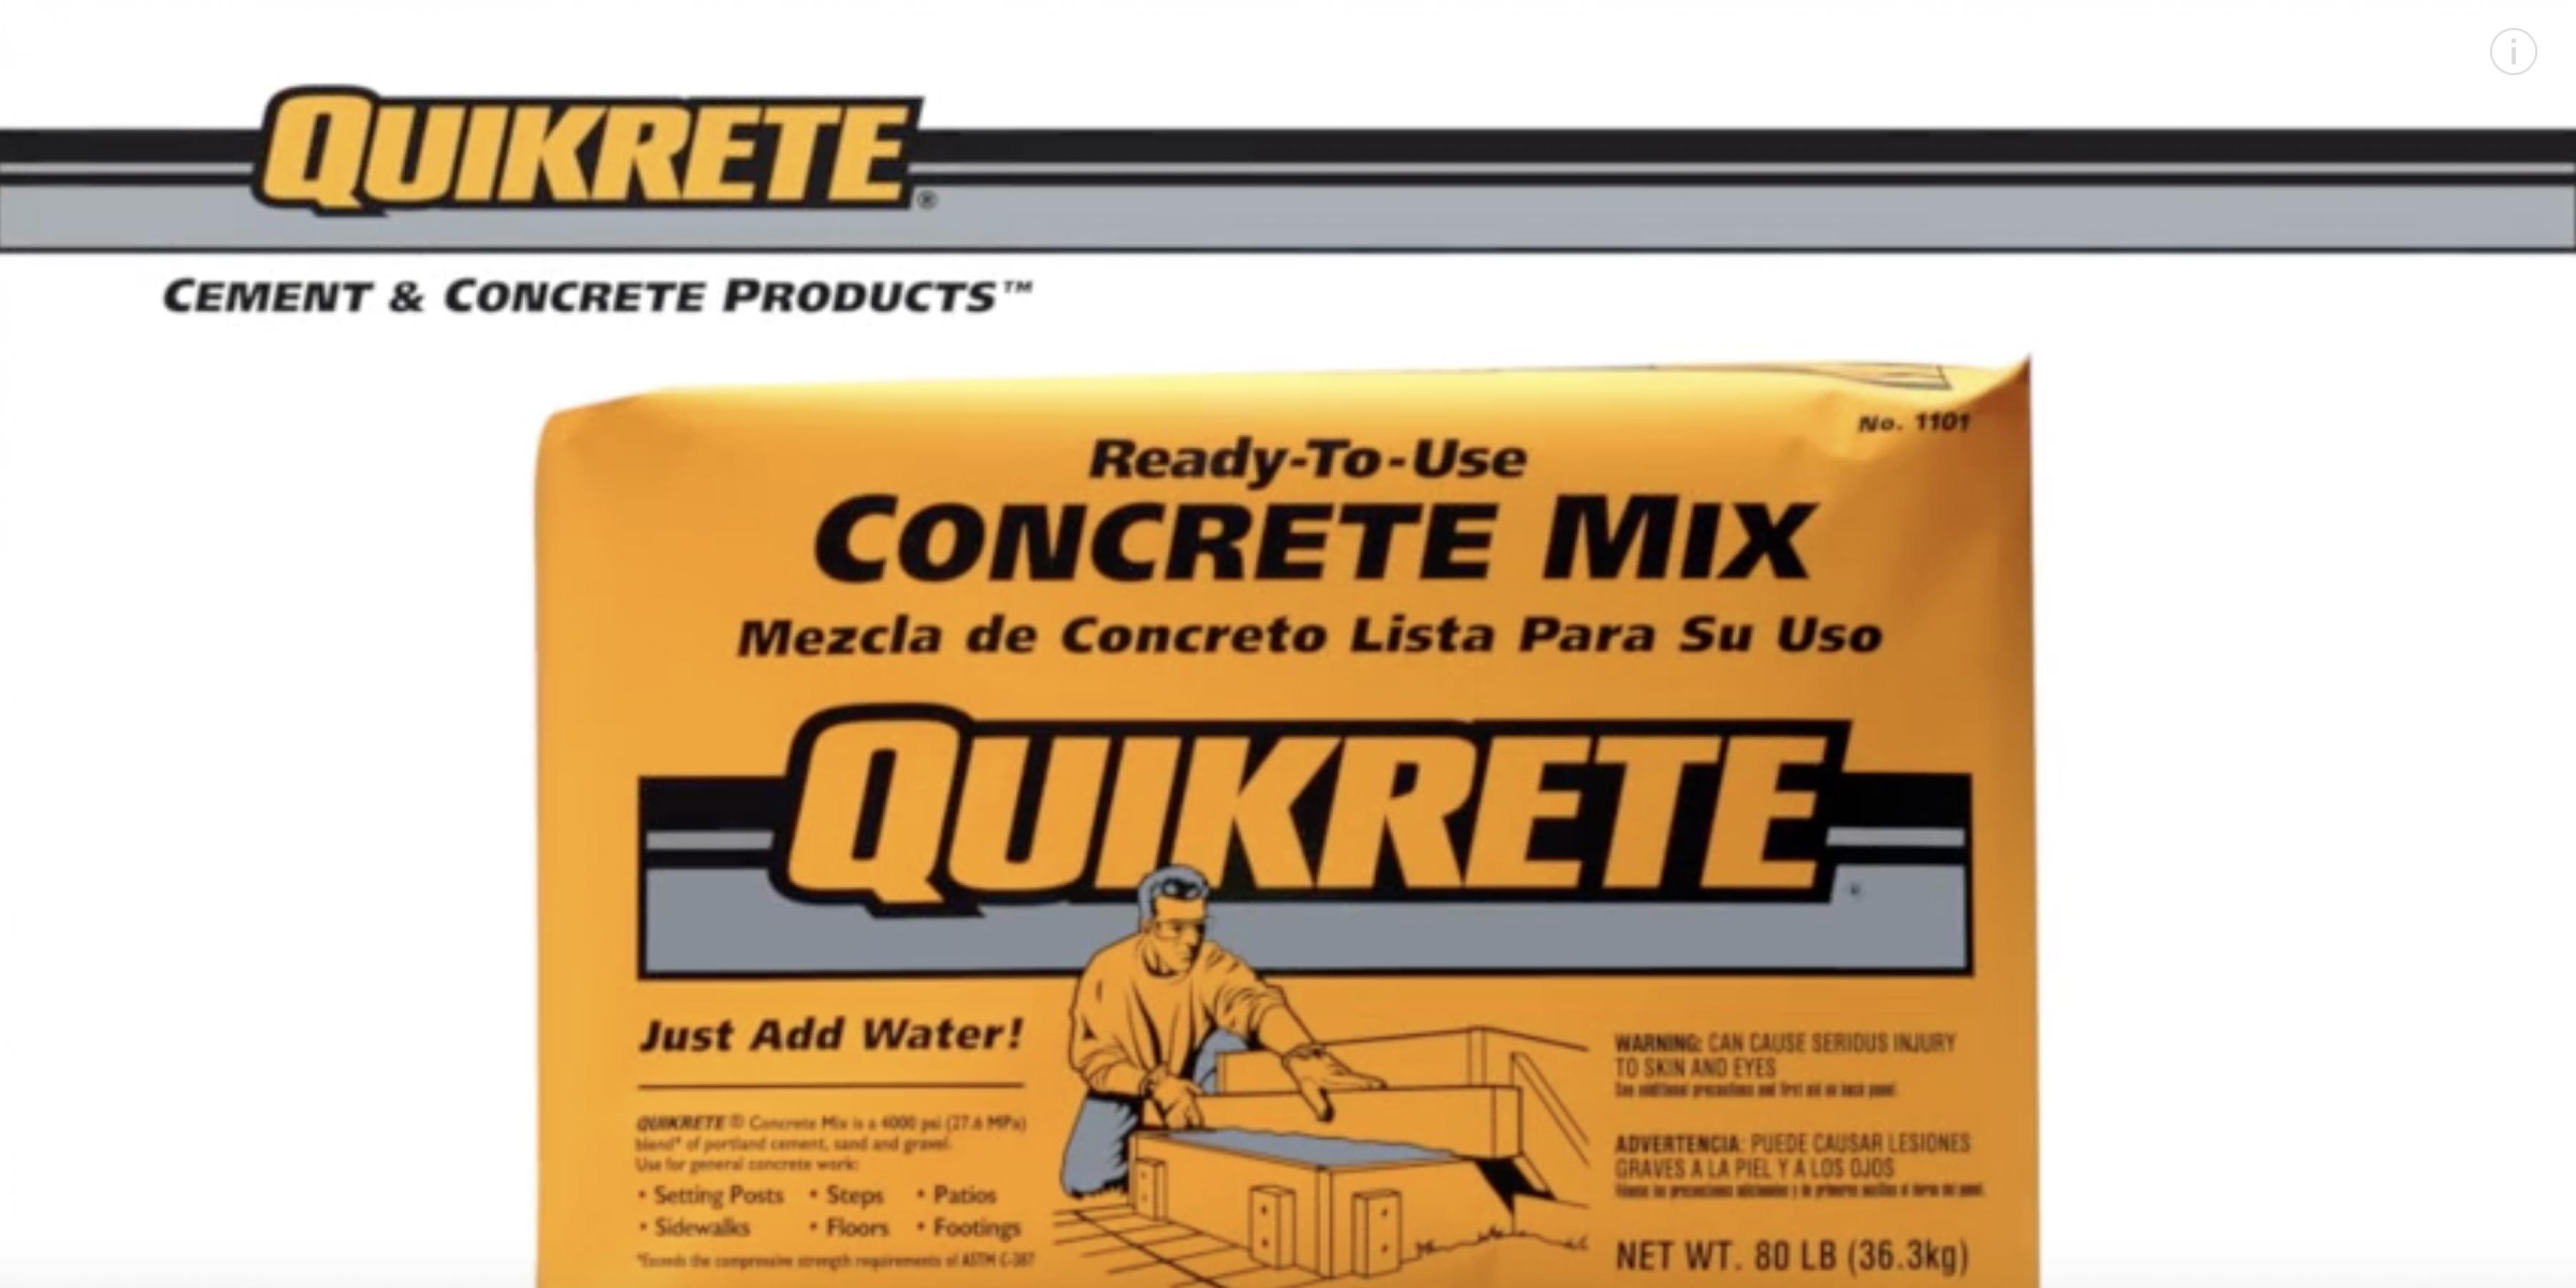 QUIKRETE Concrete Mix (Product Feature)